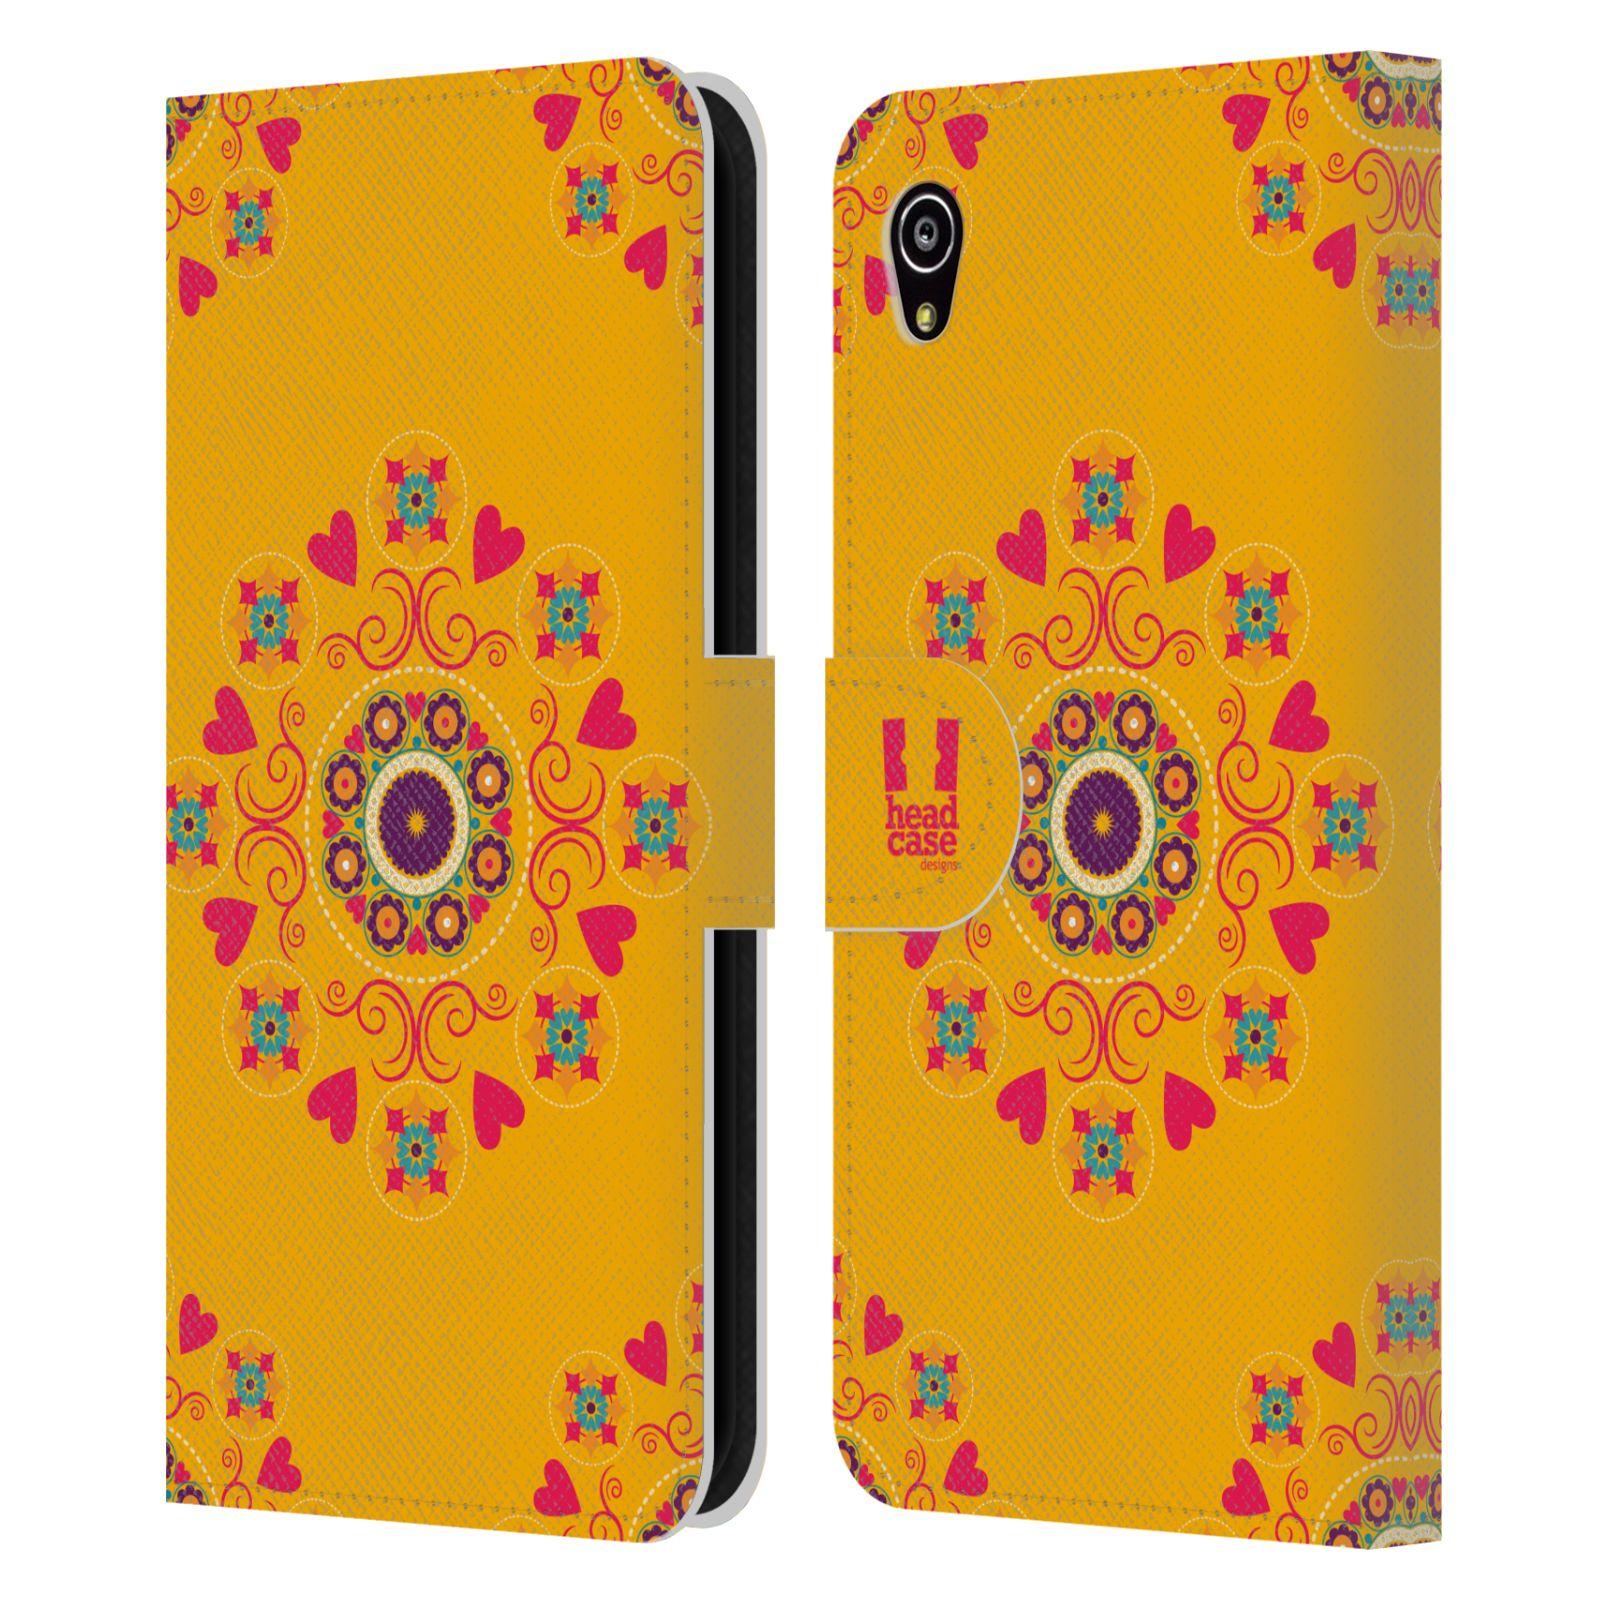 HEAD CASE Flipové pouzdro pro mobil SONY XPERIA M4 AQUA Slovanský vzor květiny a srdíčka žlutá